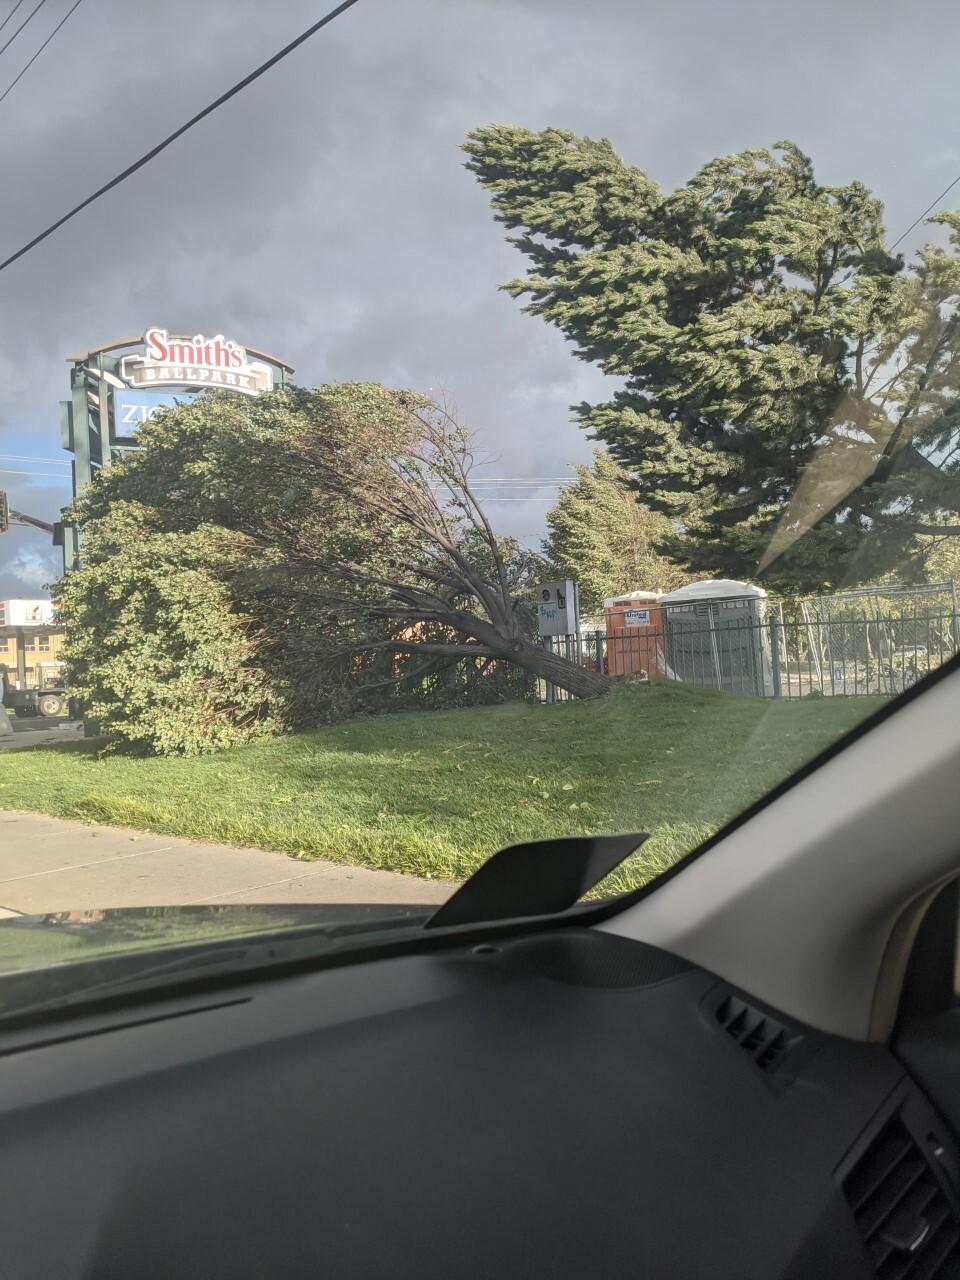 Smith's Ballpark Damage2.jpg